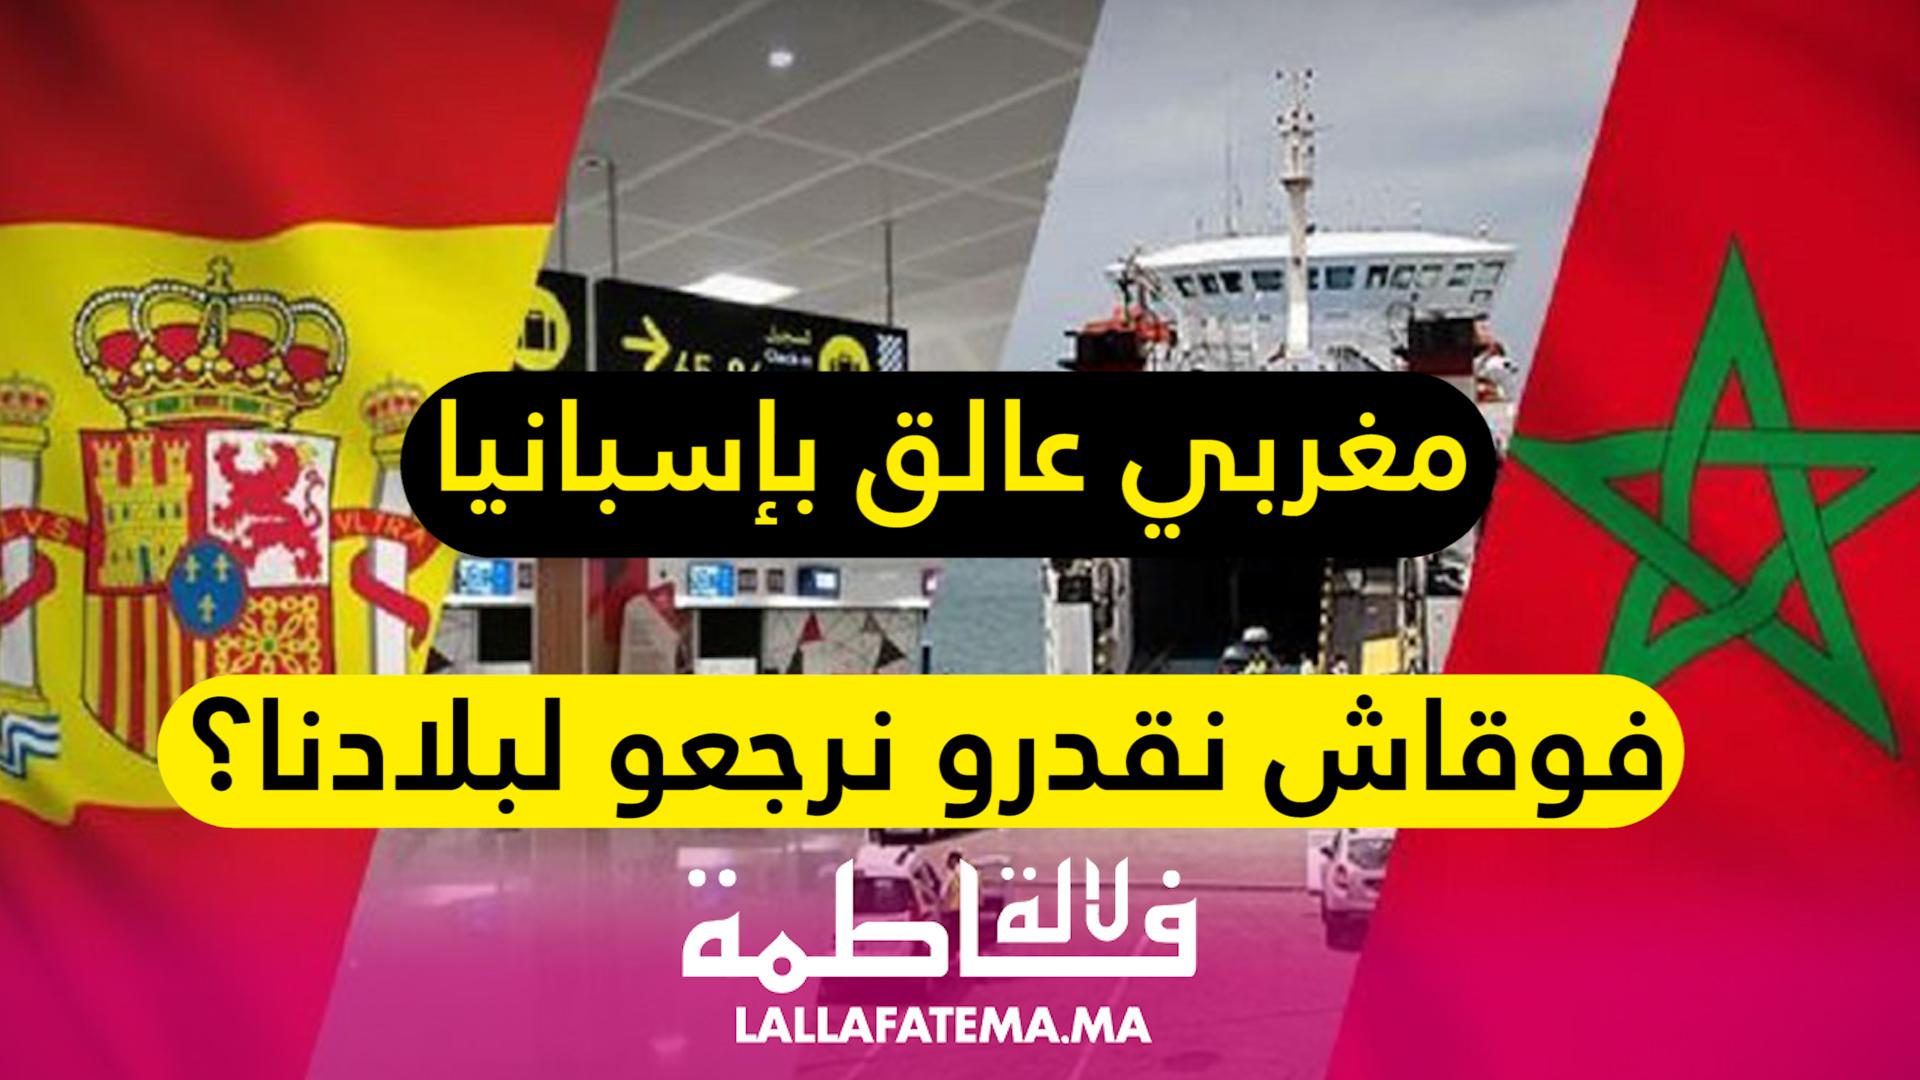 مغربي عالق بإسبانيا يستنجد بالسلطات للعودة إلى أرض الوطن